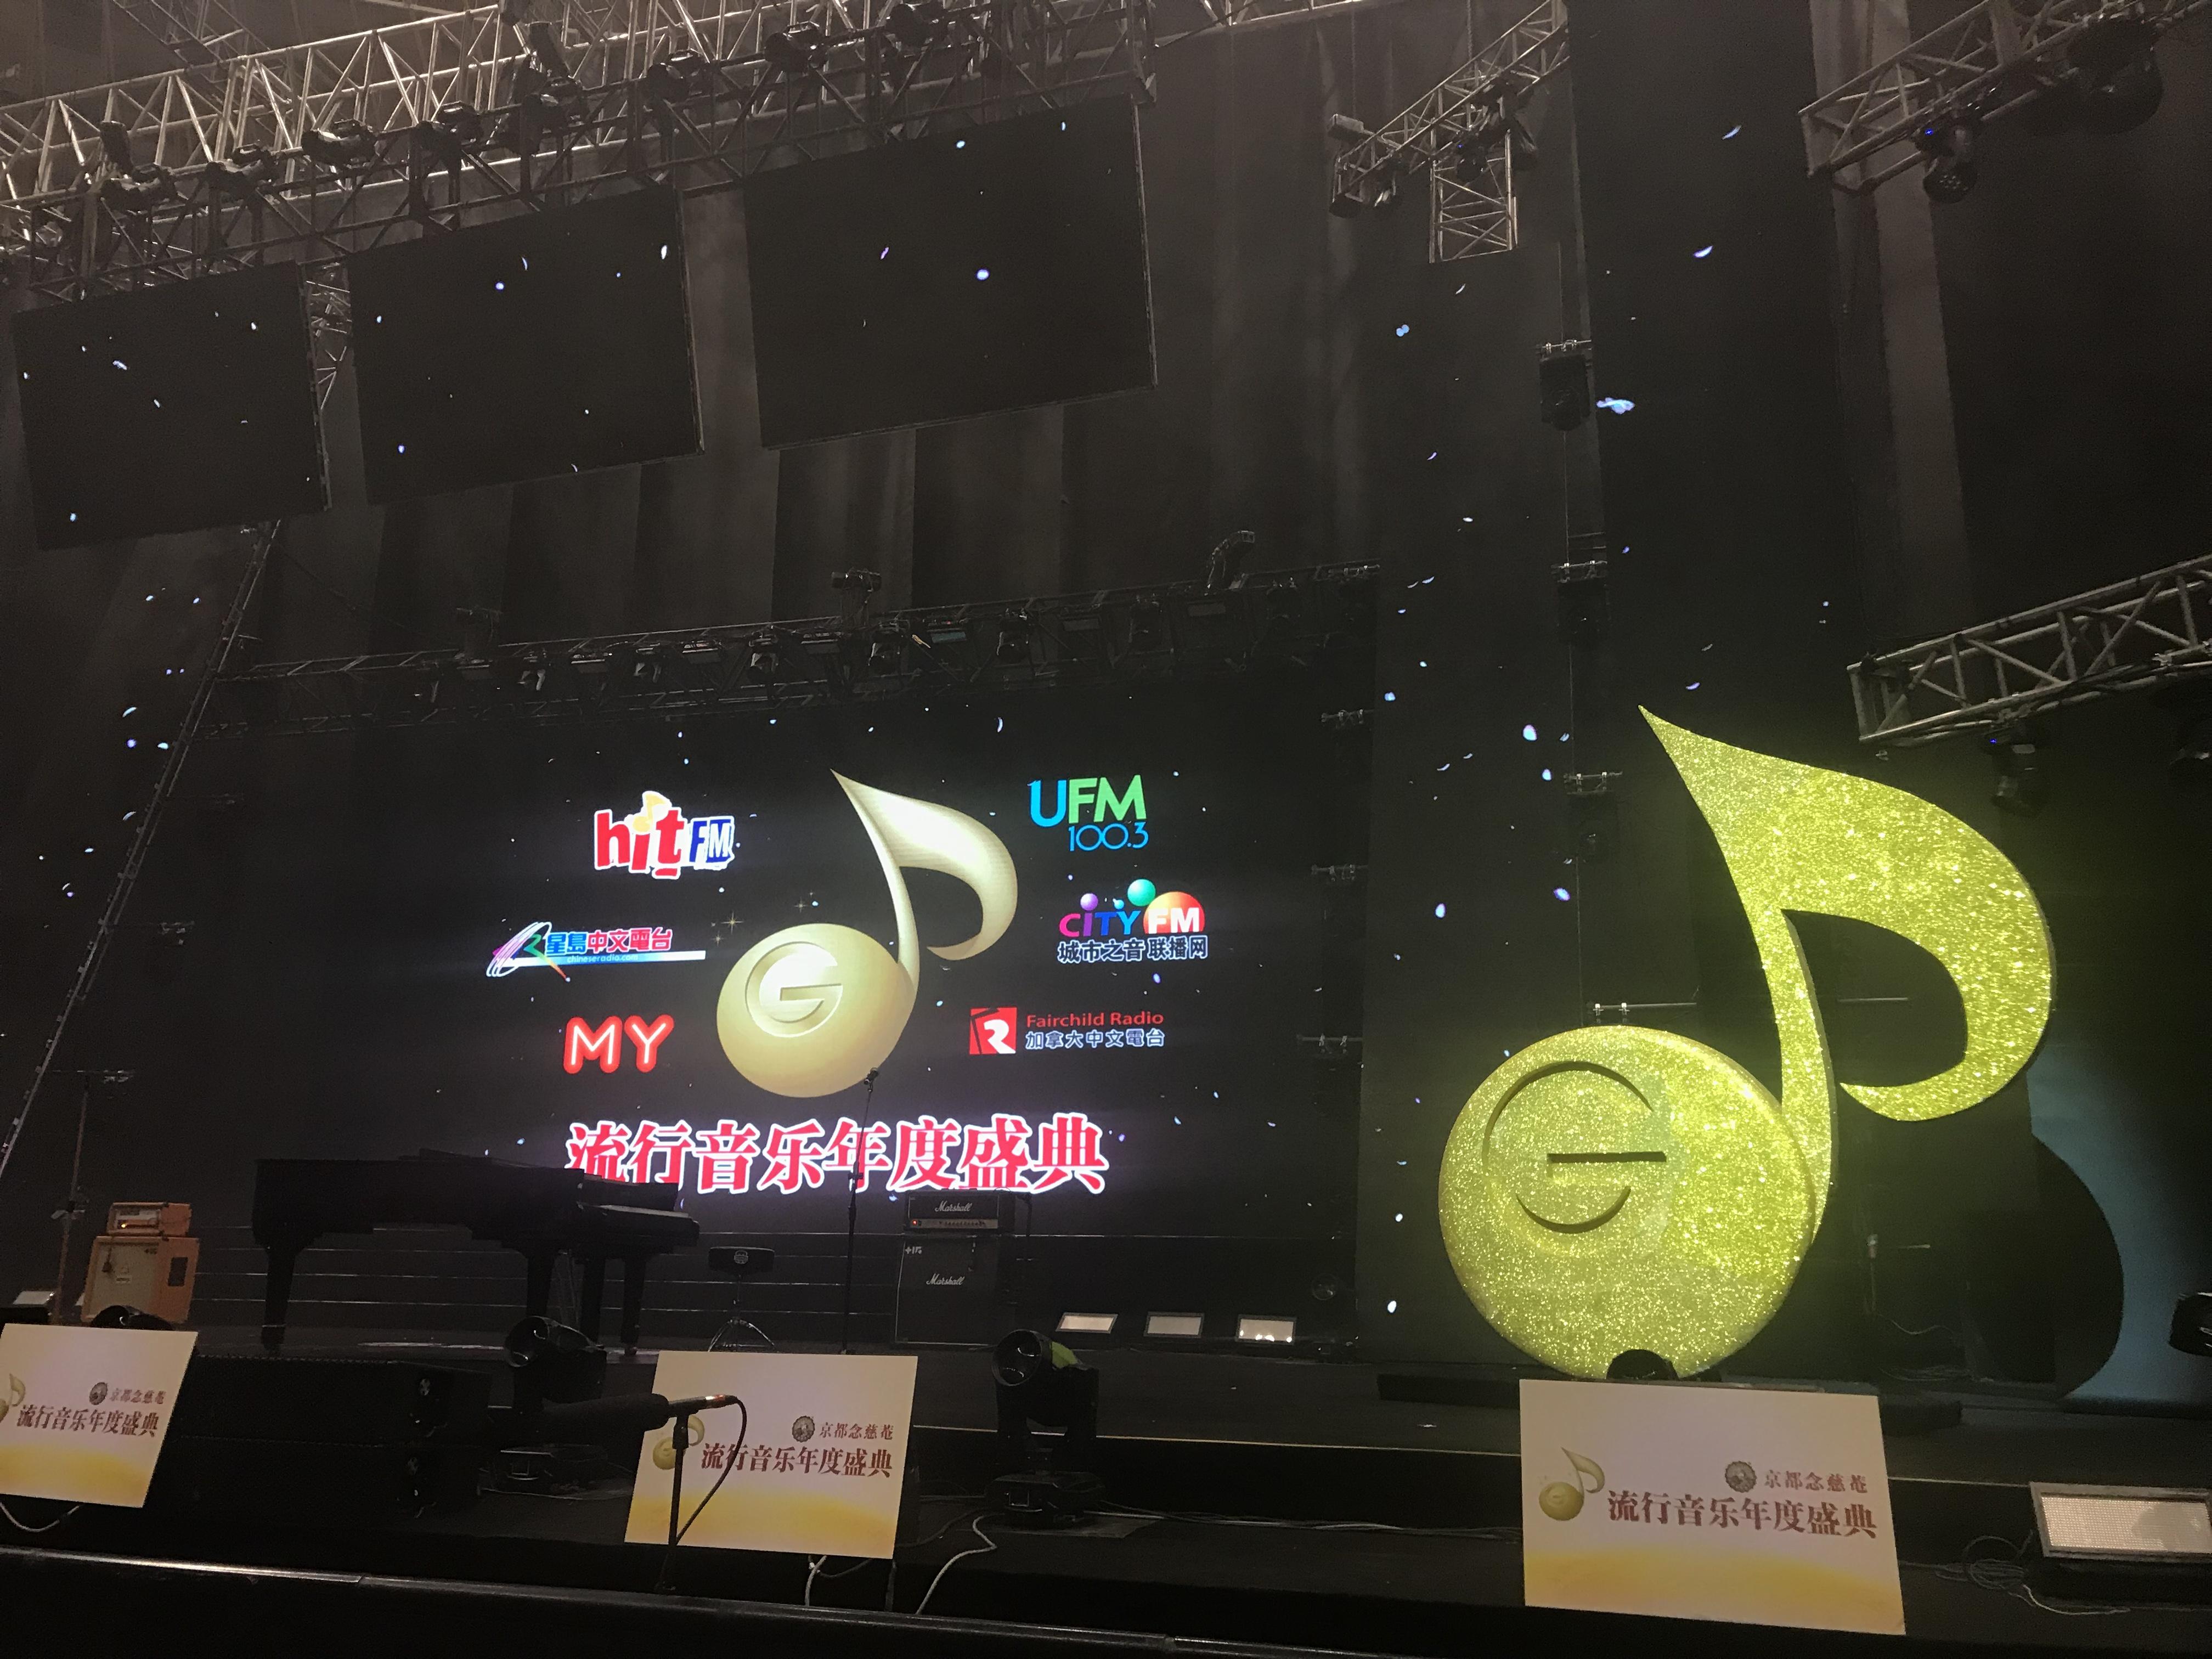 全球流行音樂金榜2017音樂盛典